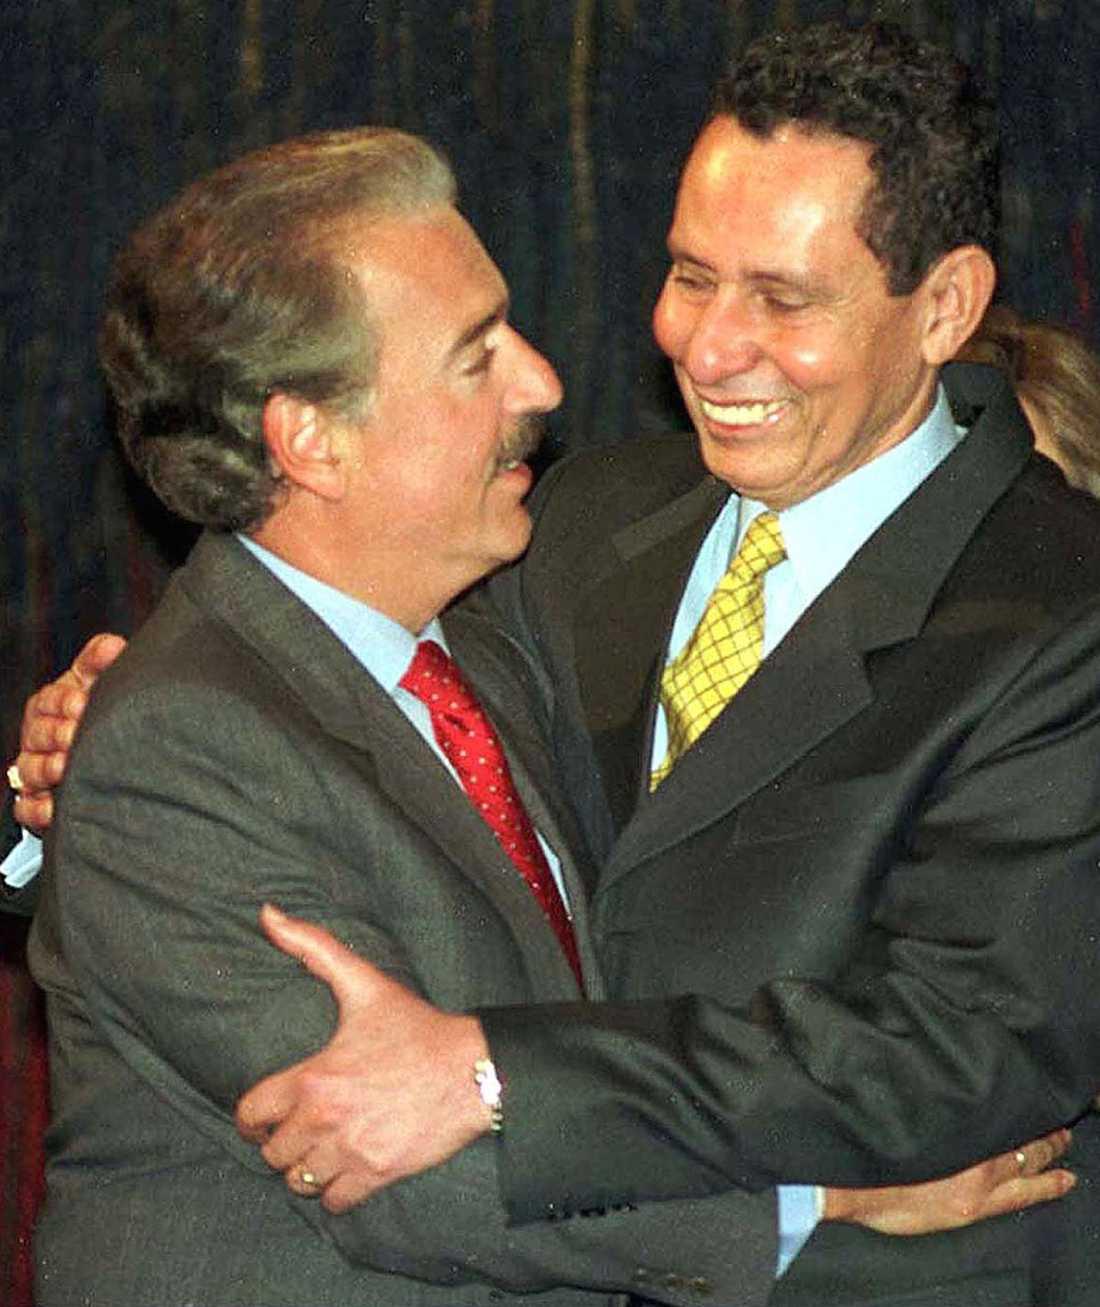 Colombia, 1997 Manuel Bonnet (till höger), general i Colombias dåvarande militär uppmanade fruar och flickvänner till män i gerillan eller i lokala knarkligor att vägra sex till deras våldsamma konflikter upphörde. (Till vänster ses Andres Pastrana, tidigare president i Colombia).